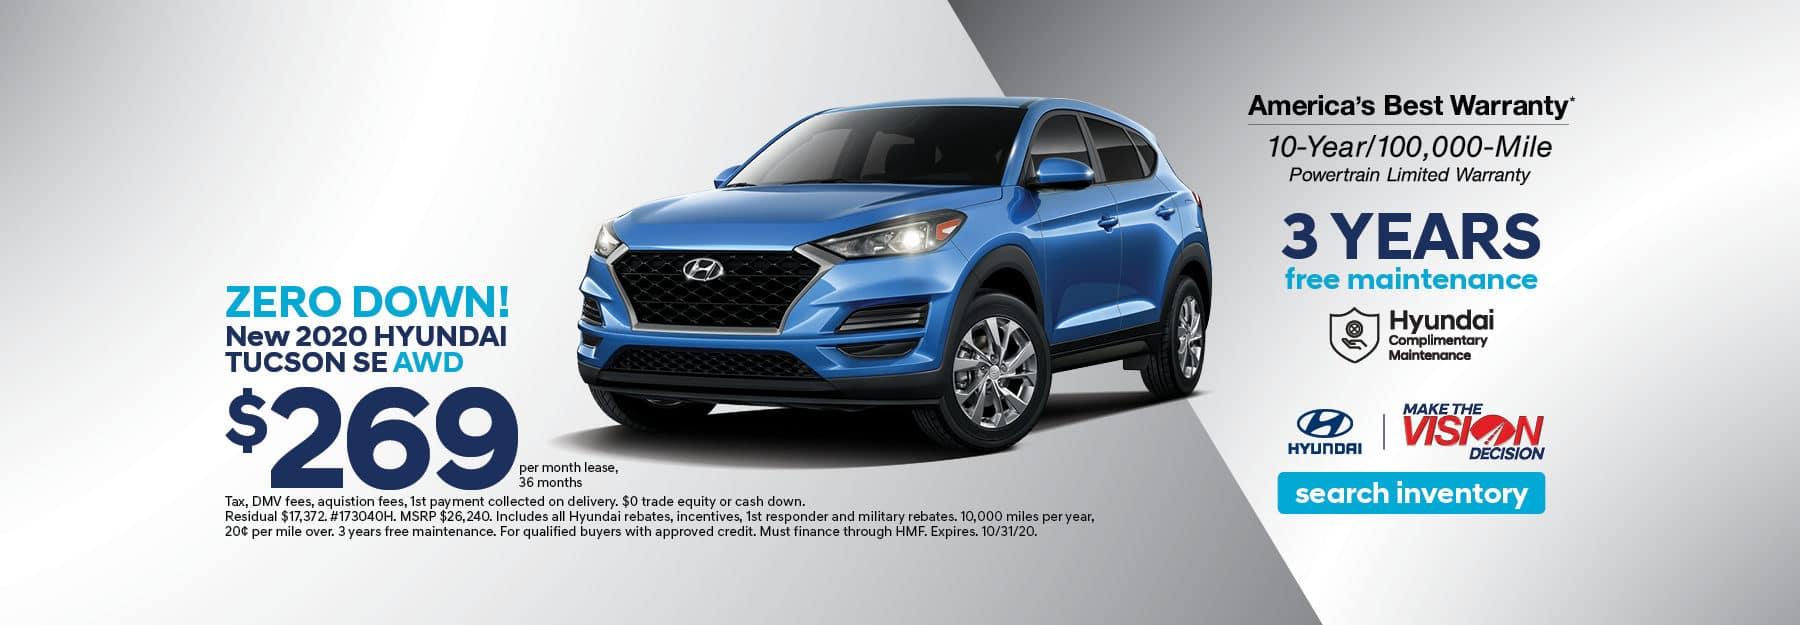 Vision_Hyundai_Sliders-1002-sc2